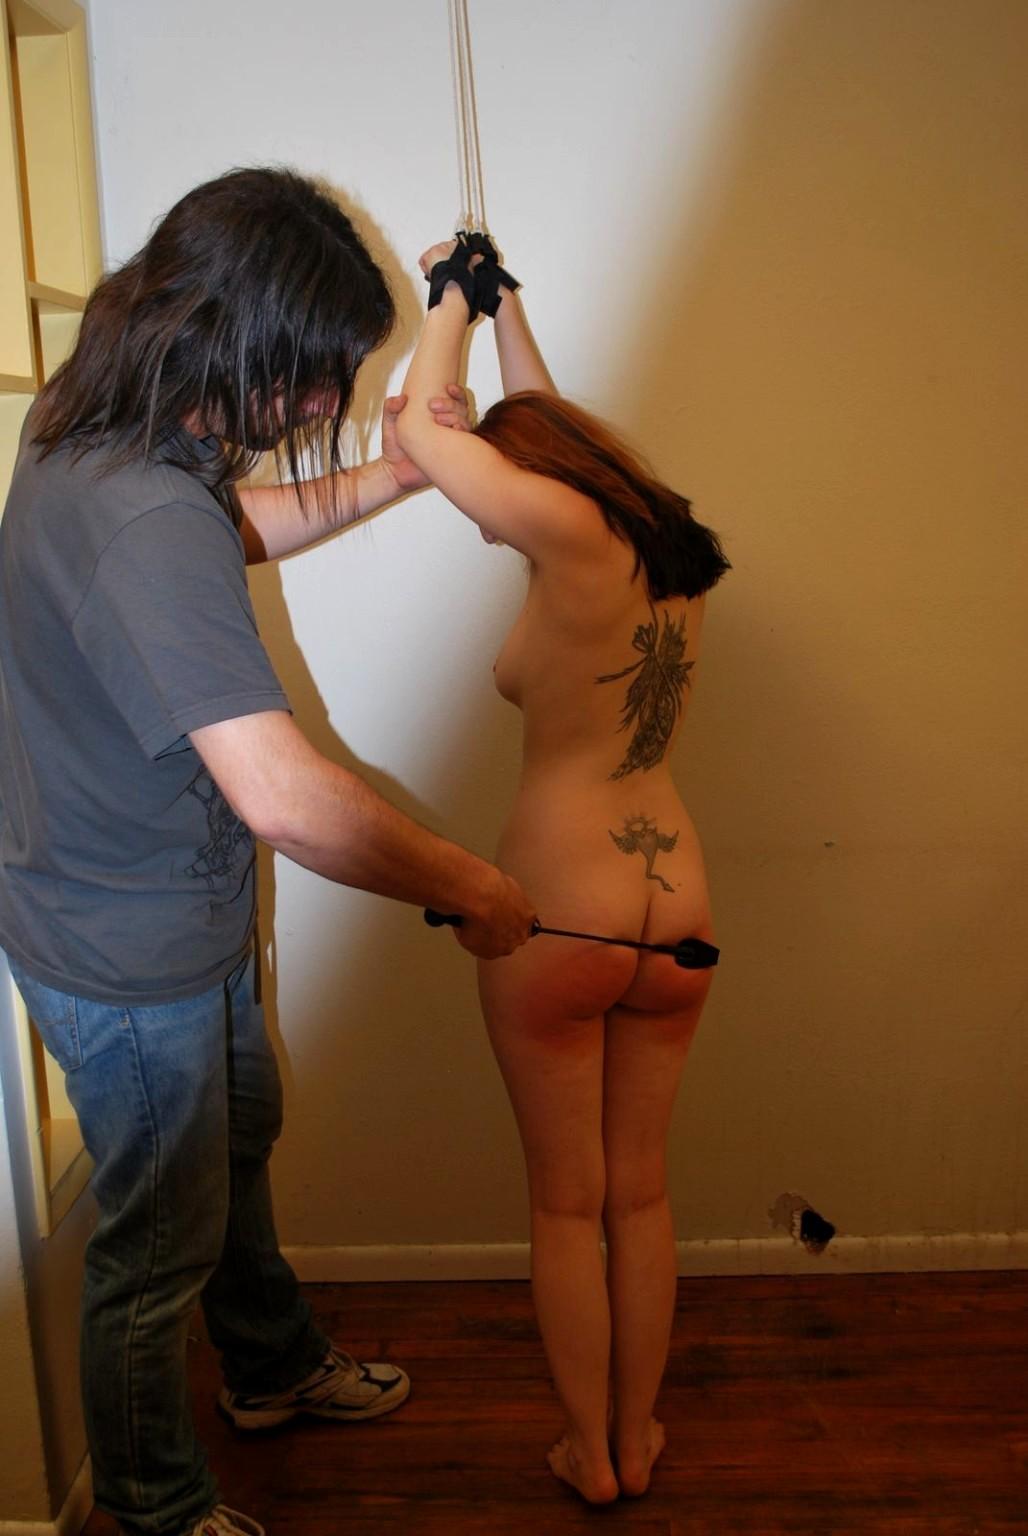 Whipping bondage amateur — photo 3